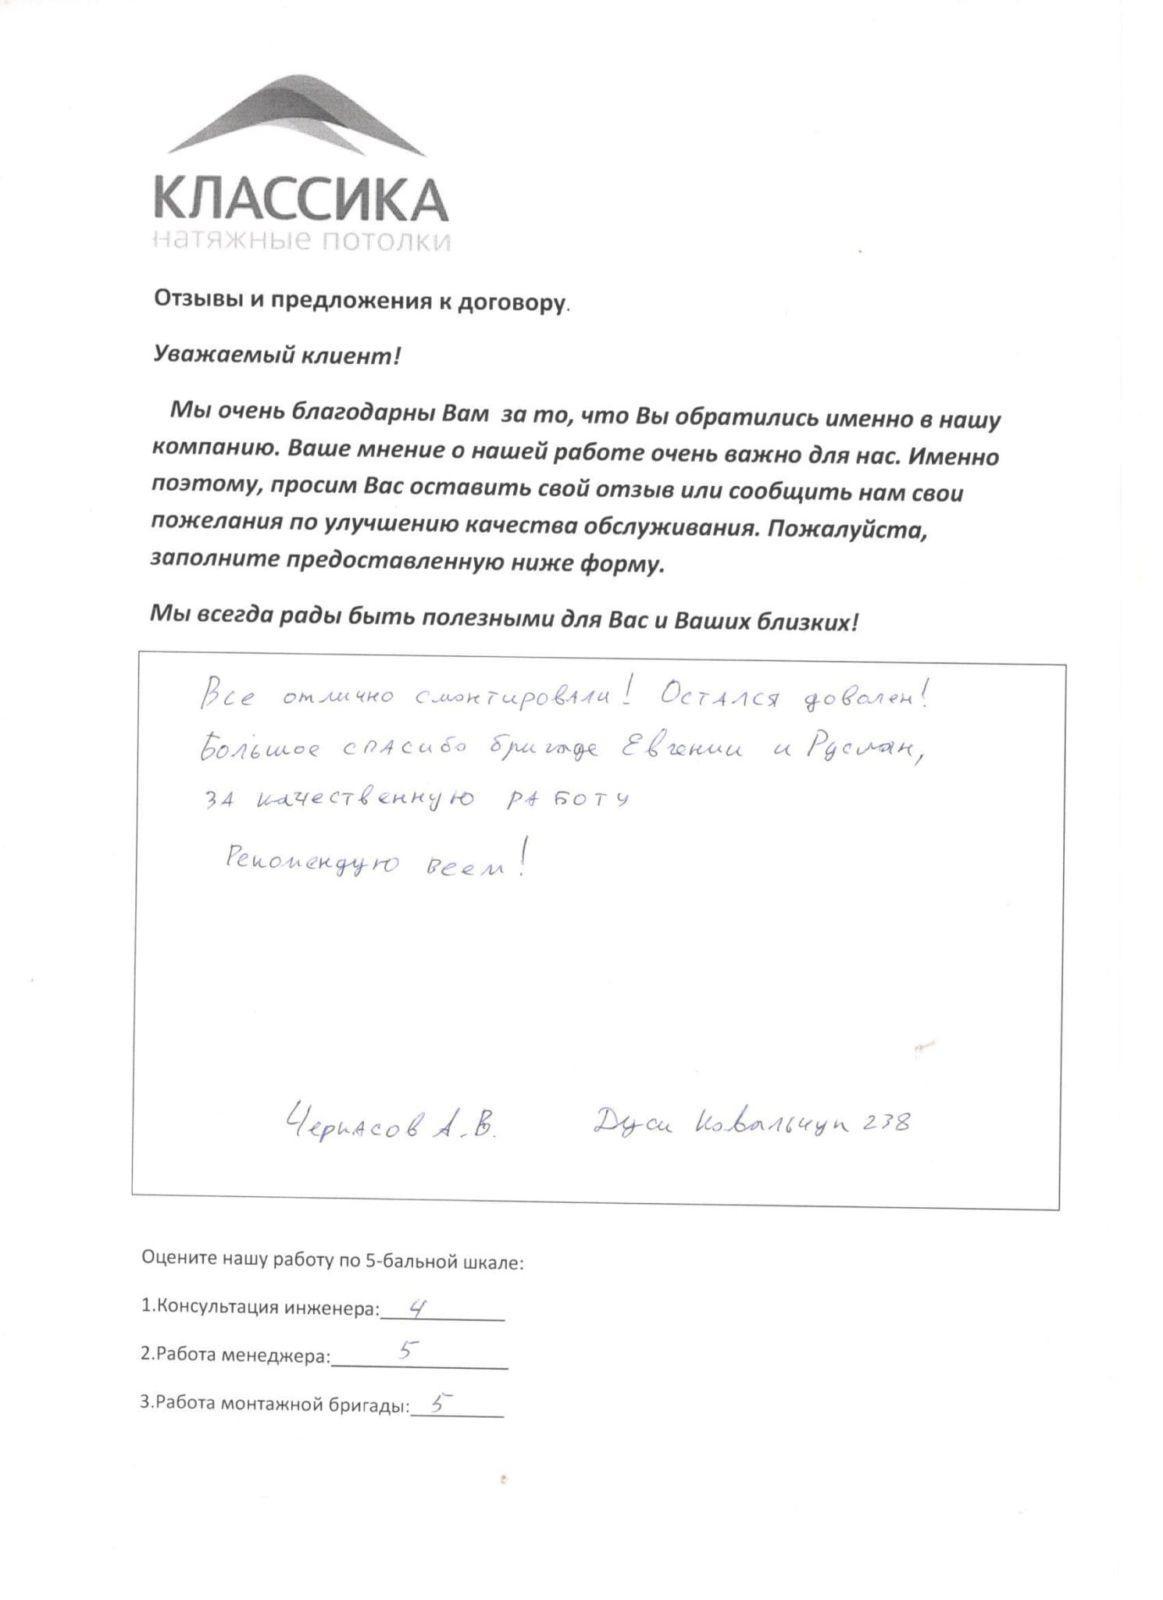 Отзыв Демидова А.Е